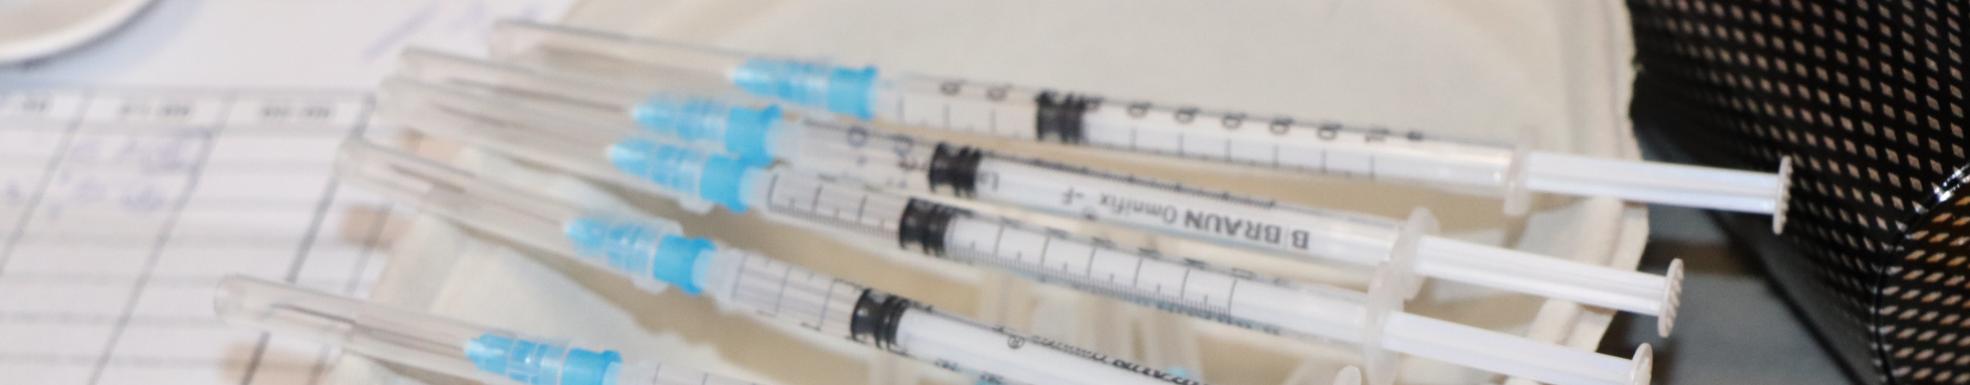 Očkování bez registrace